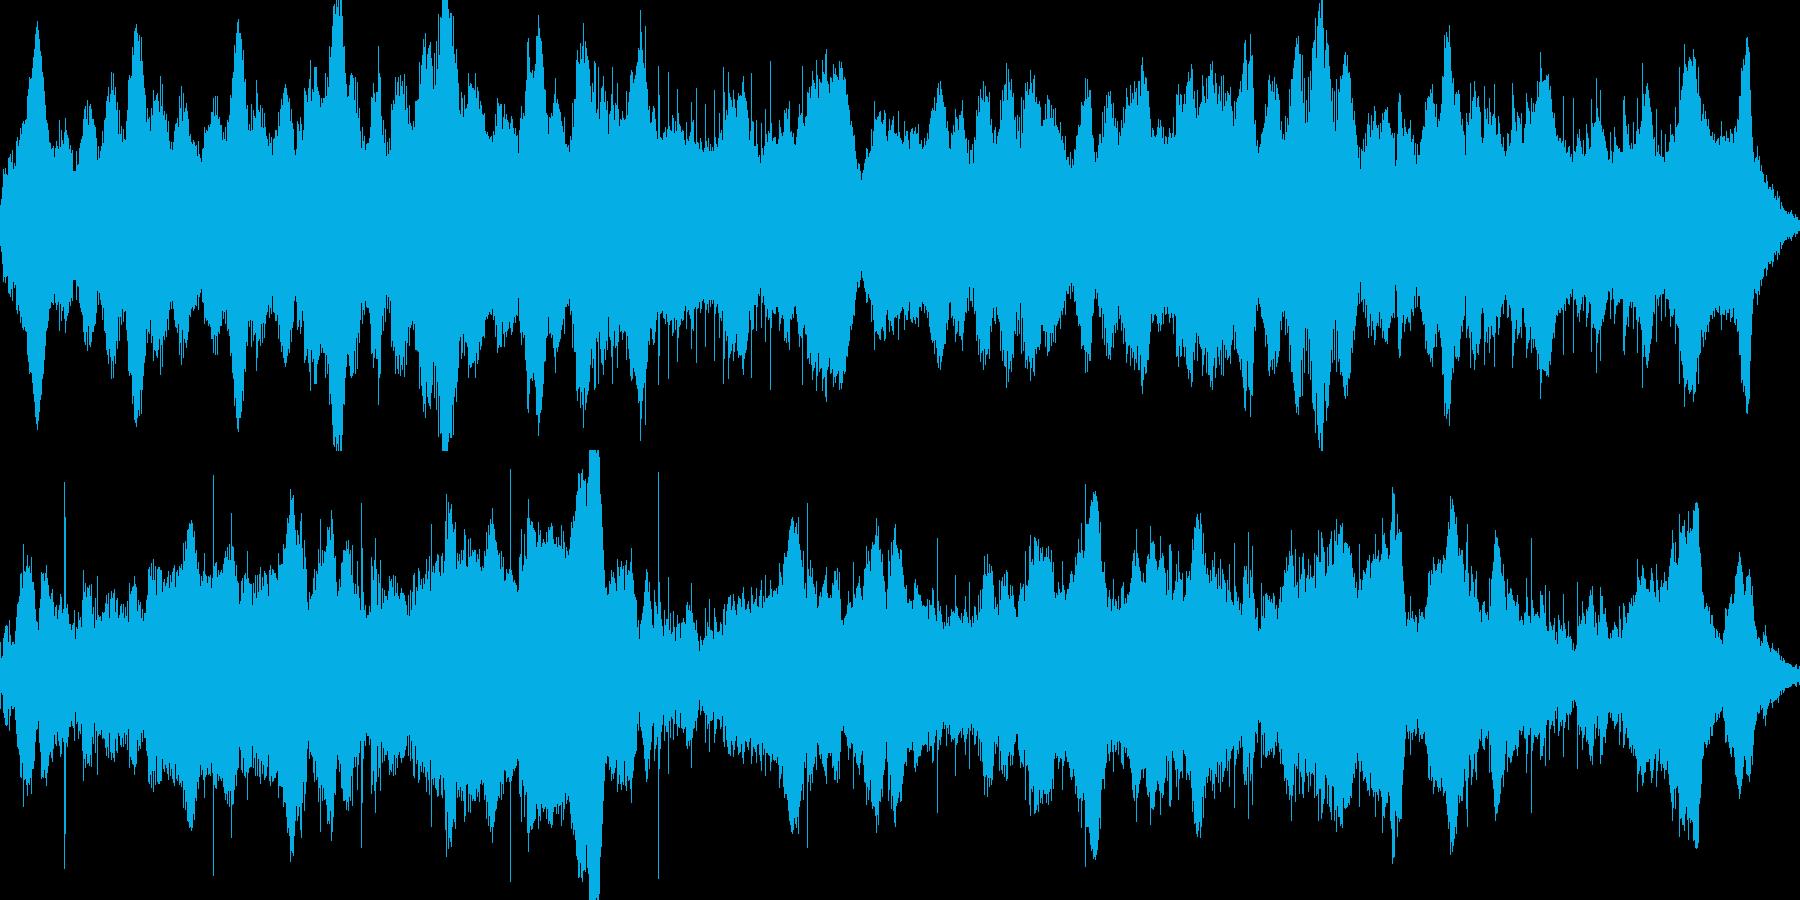 違和感、不調和ホラーサスペンス ループの再生済みの波形